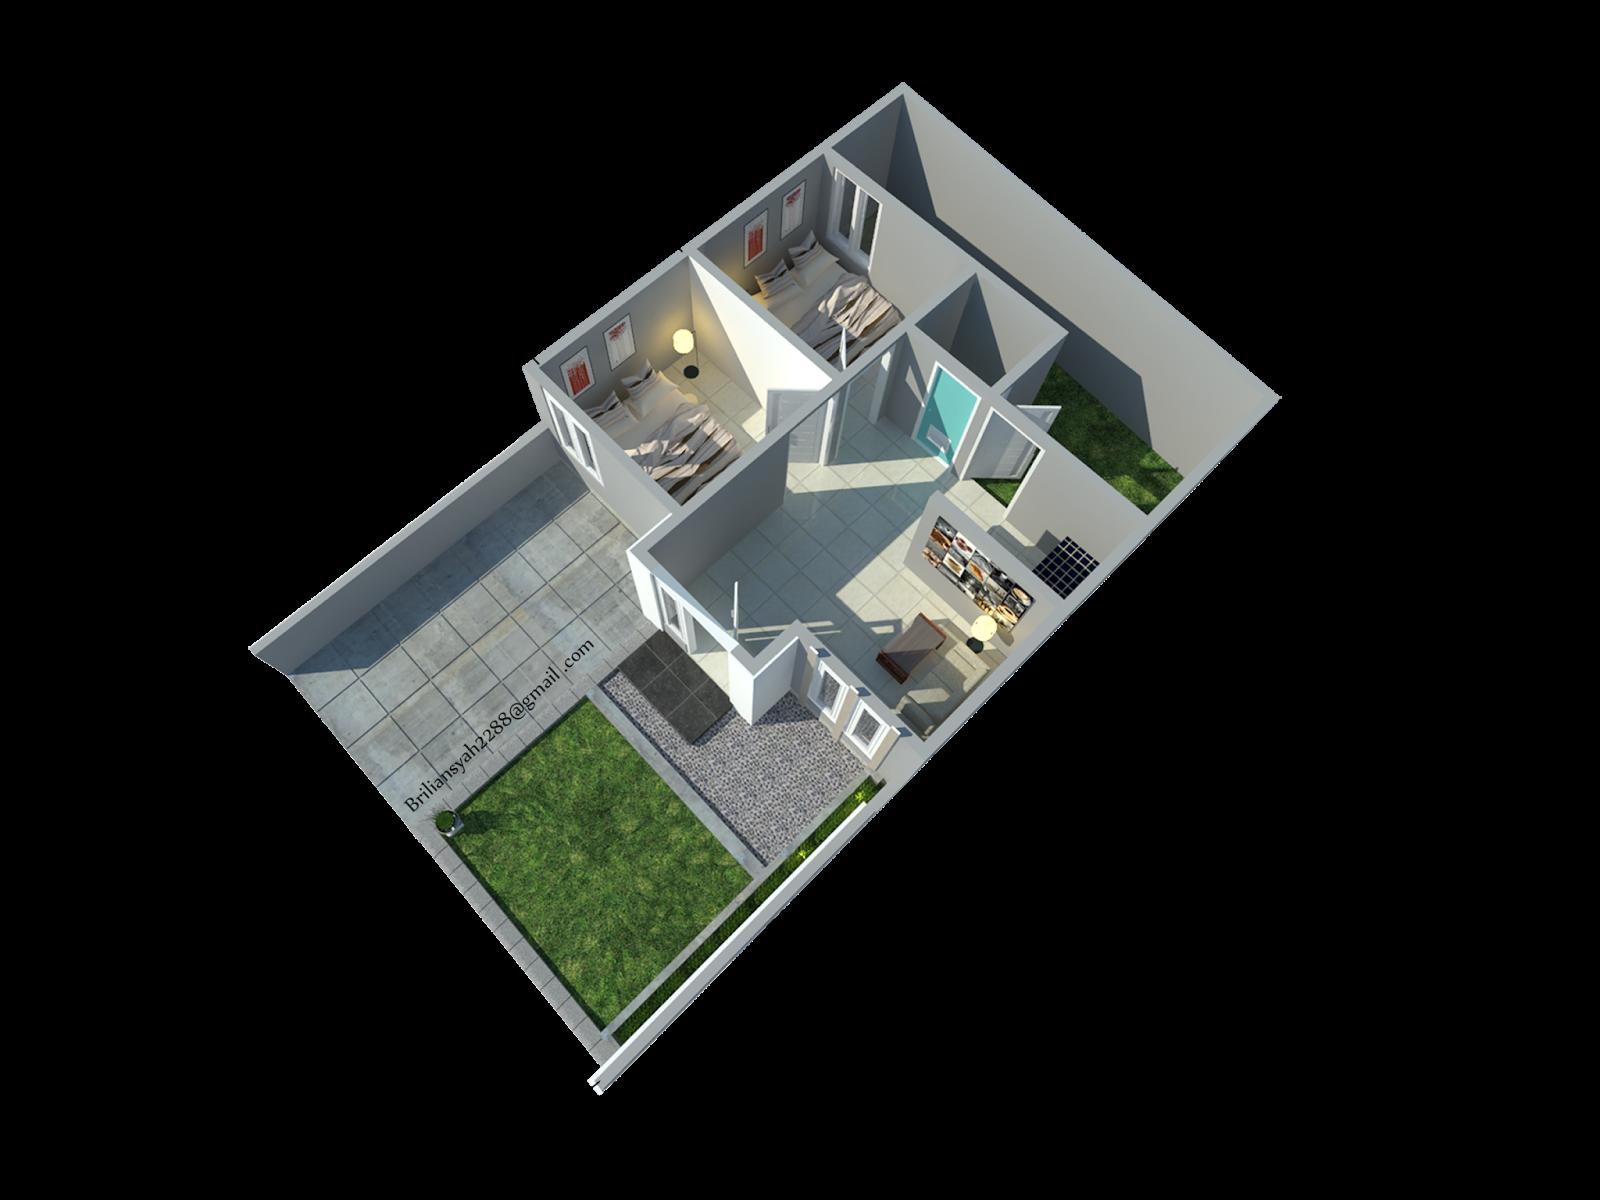 Desain minimalis elegant arsitektur eksterior